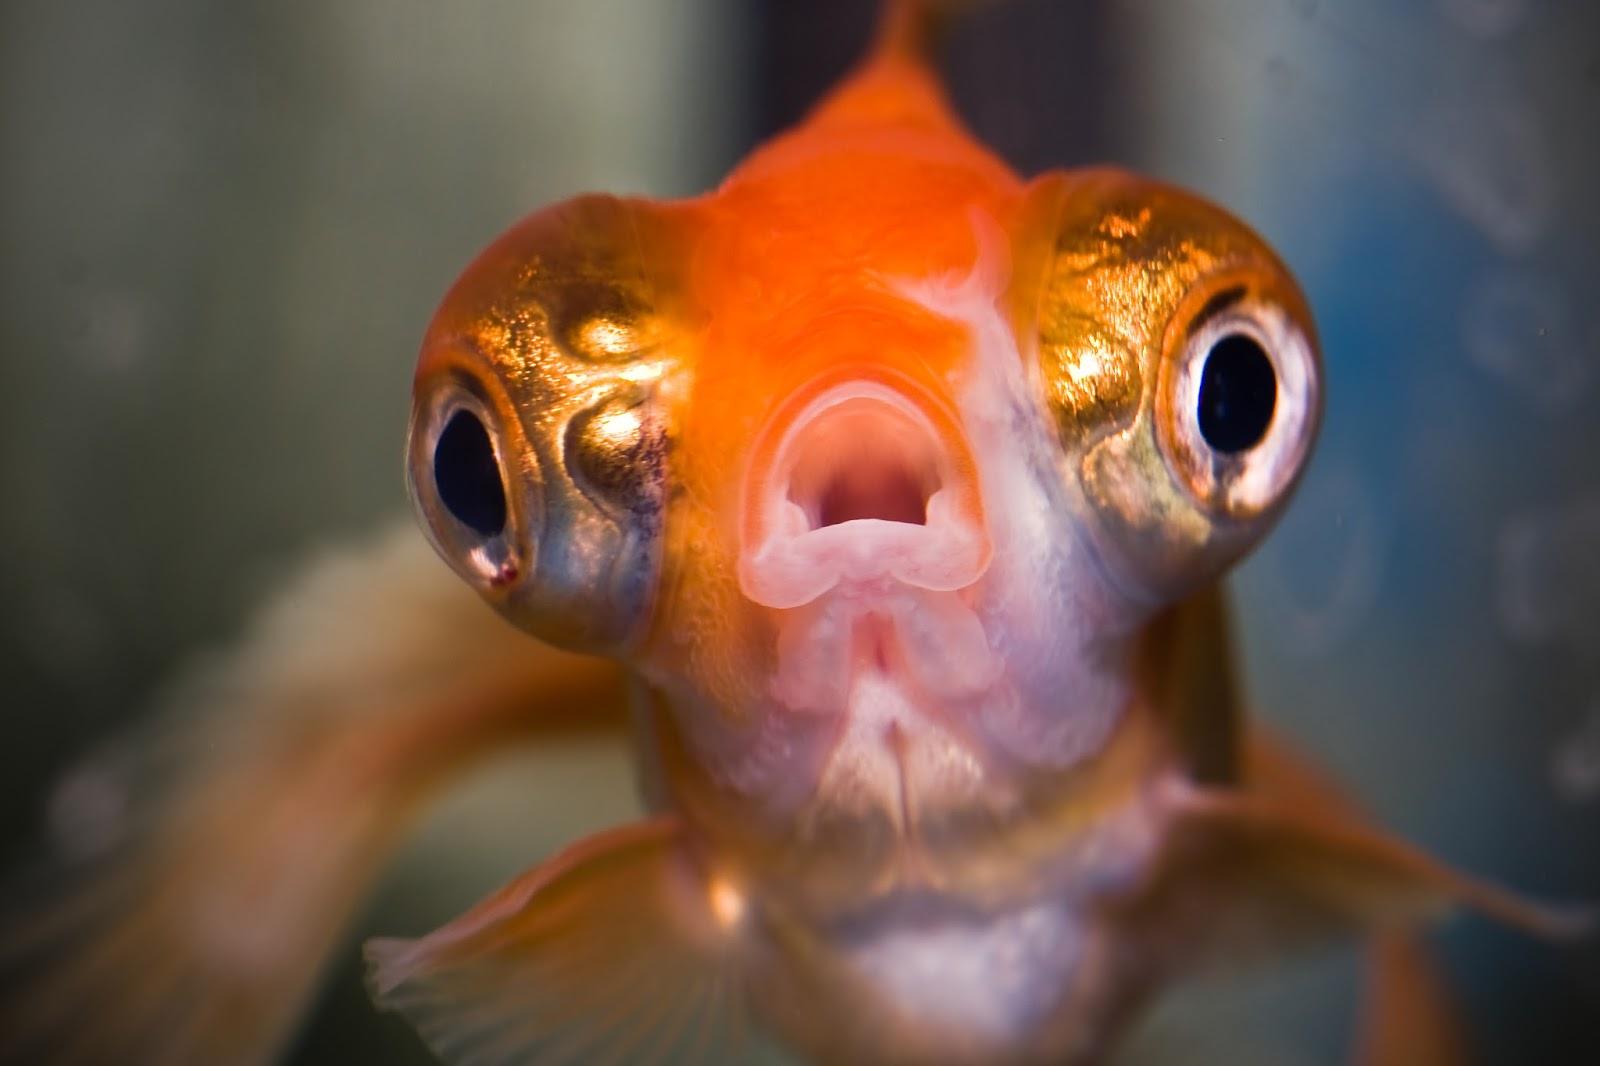 доступной картинки рыба с открытым ртом дальше рецептах кростини